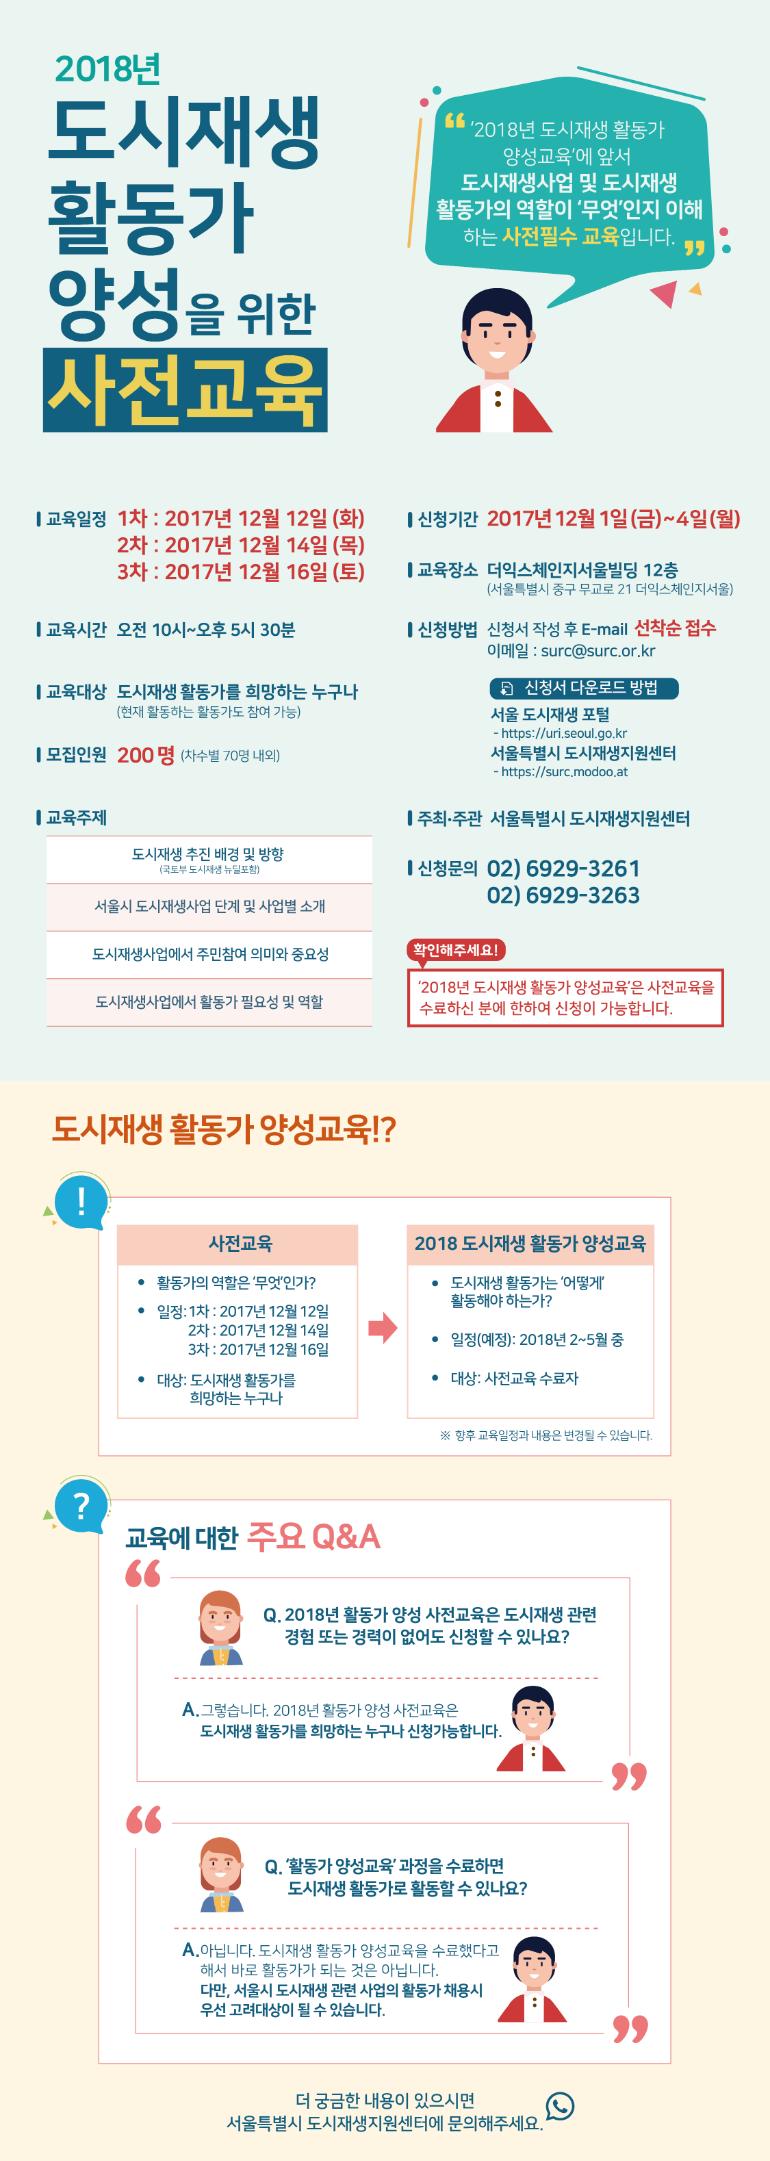 [2018년 도시재생 활동가 양성 사전교육]모집 및 시행 안내 포스터.png